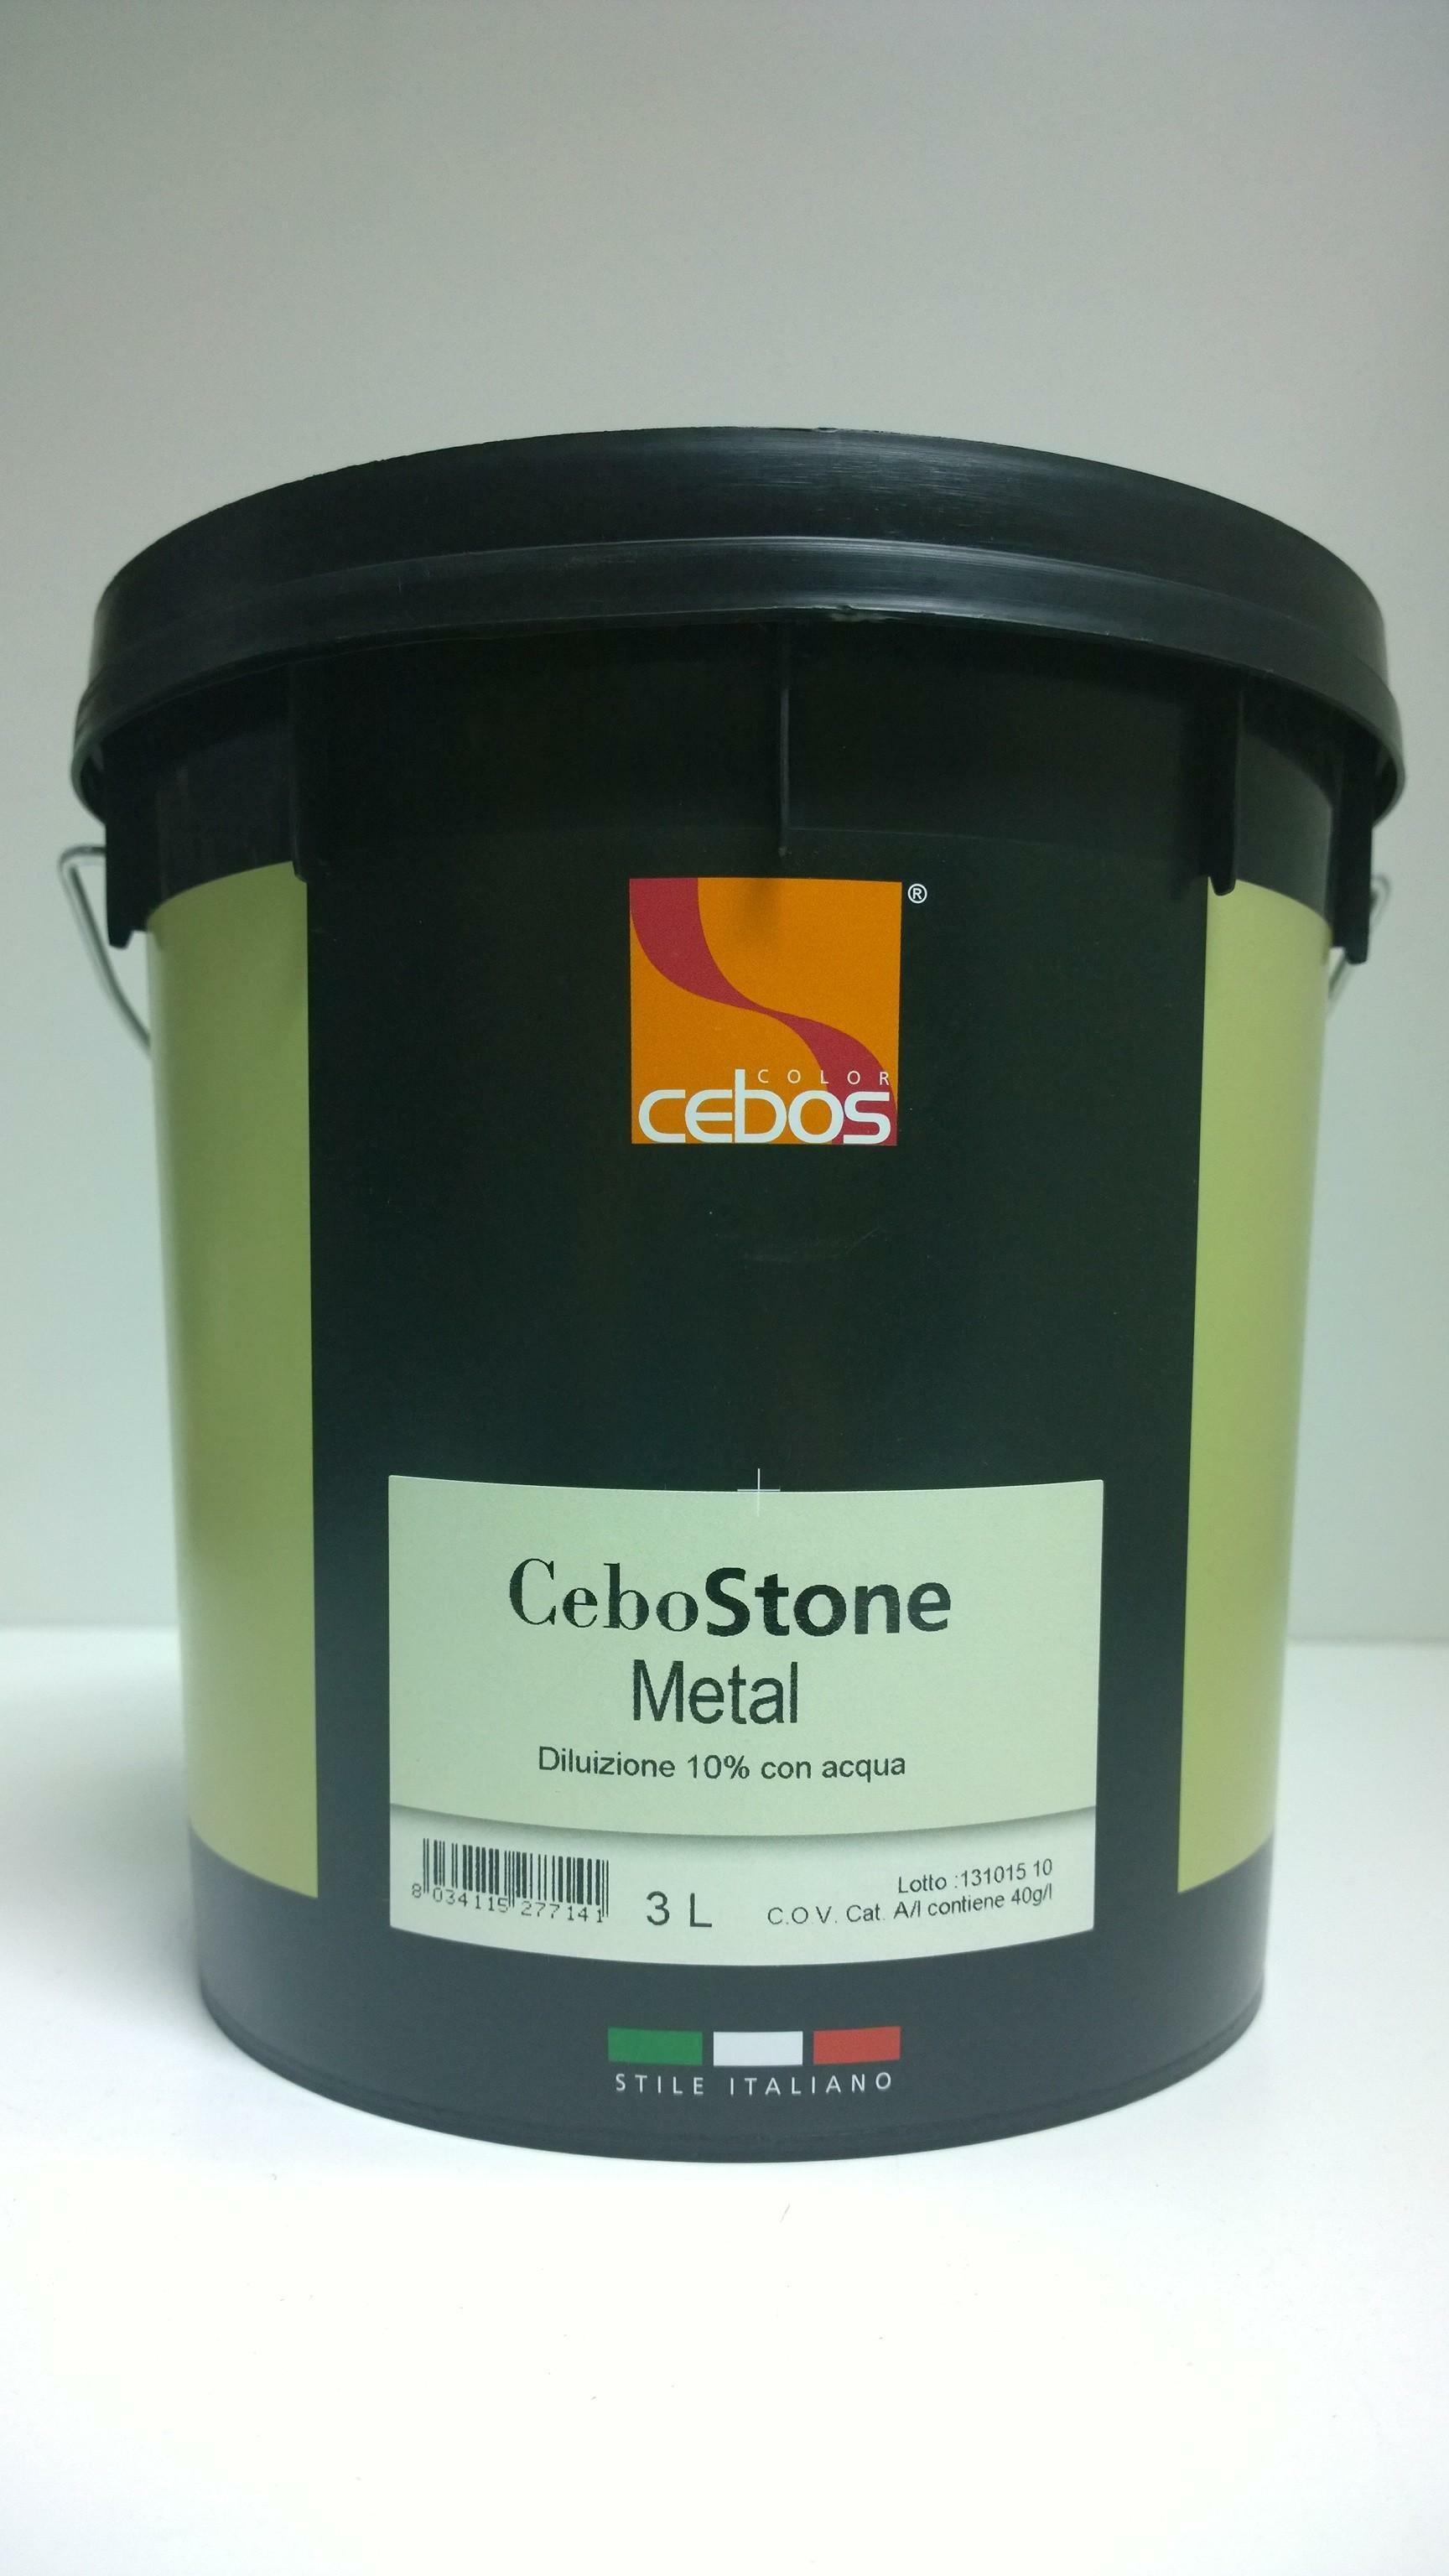 cebos cebos - cebostone metal 5 lt finitura decorativa per interni dall'aspetto sabbiato e colore metallico